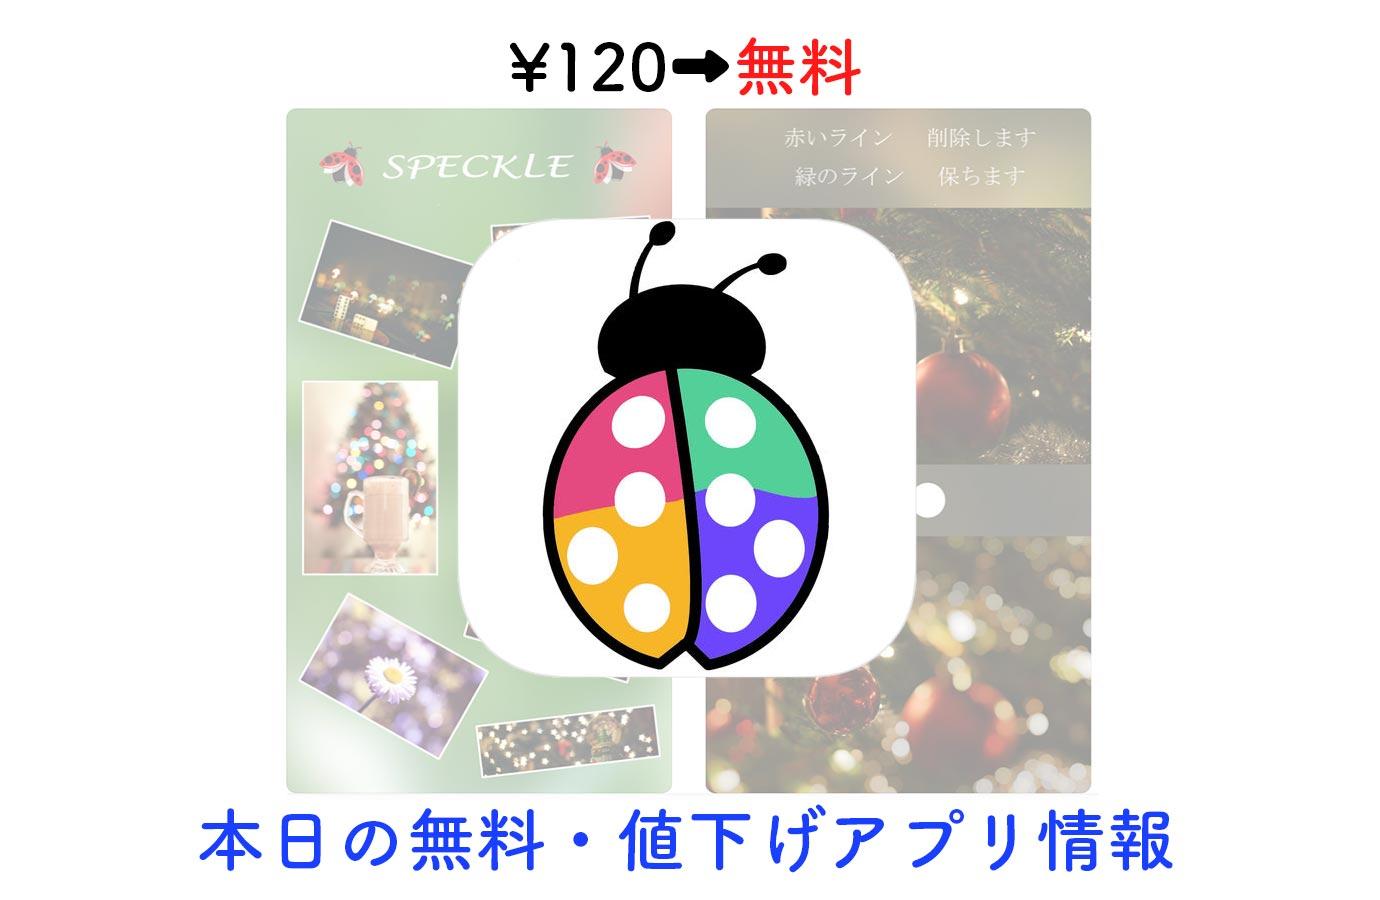 ¥120→無料、ボケ効果を利用した幻想的な写真に加工できる「Speckle」など【3/26】セールアプリ情報